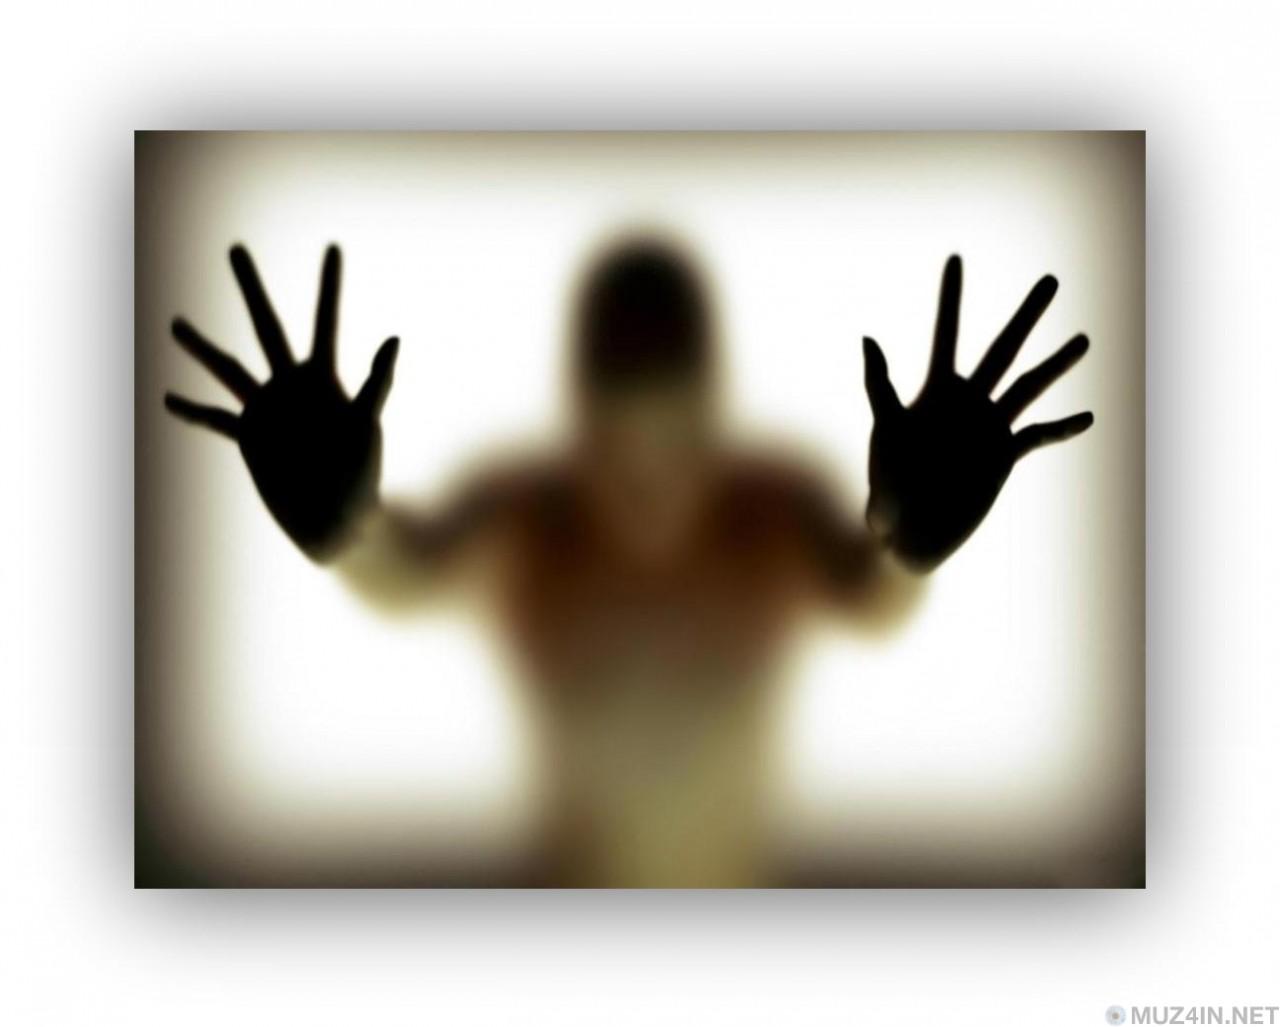 Интернет-знакомства убивают: Ужасные онлайн-знакомства, которые закончились смертью